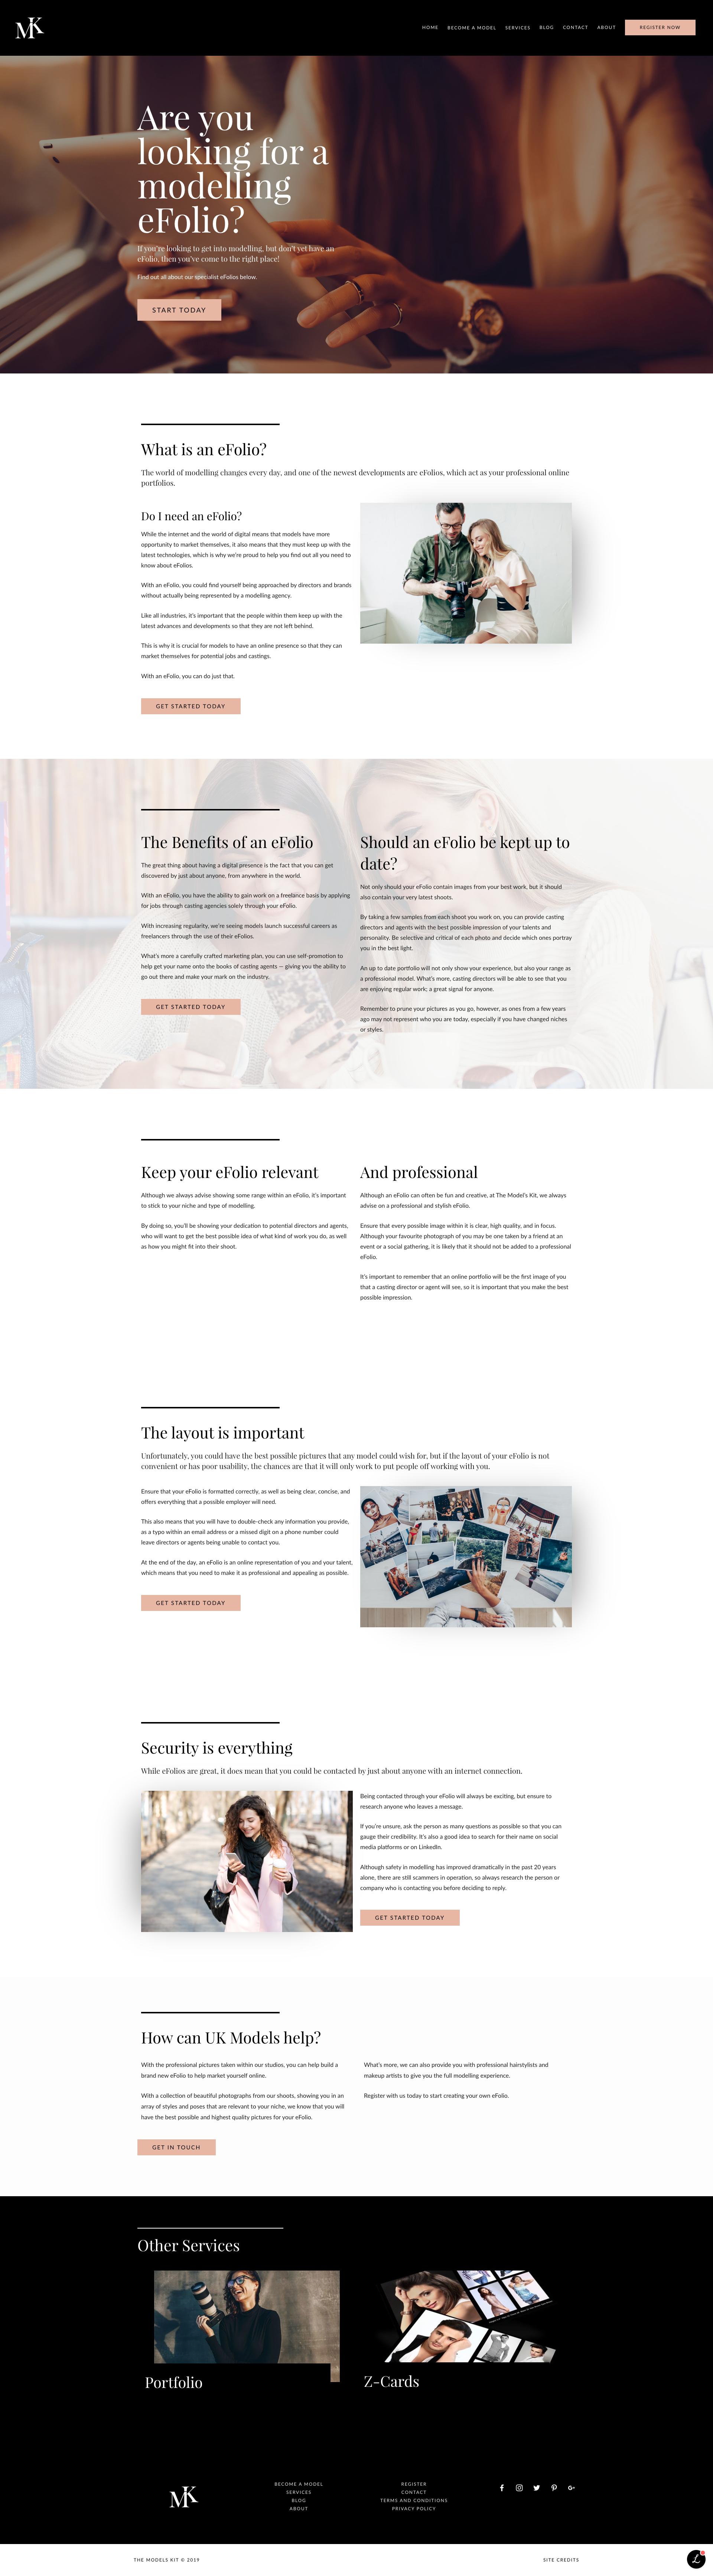 eFolio - The Models Kit.png